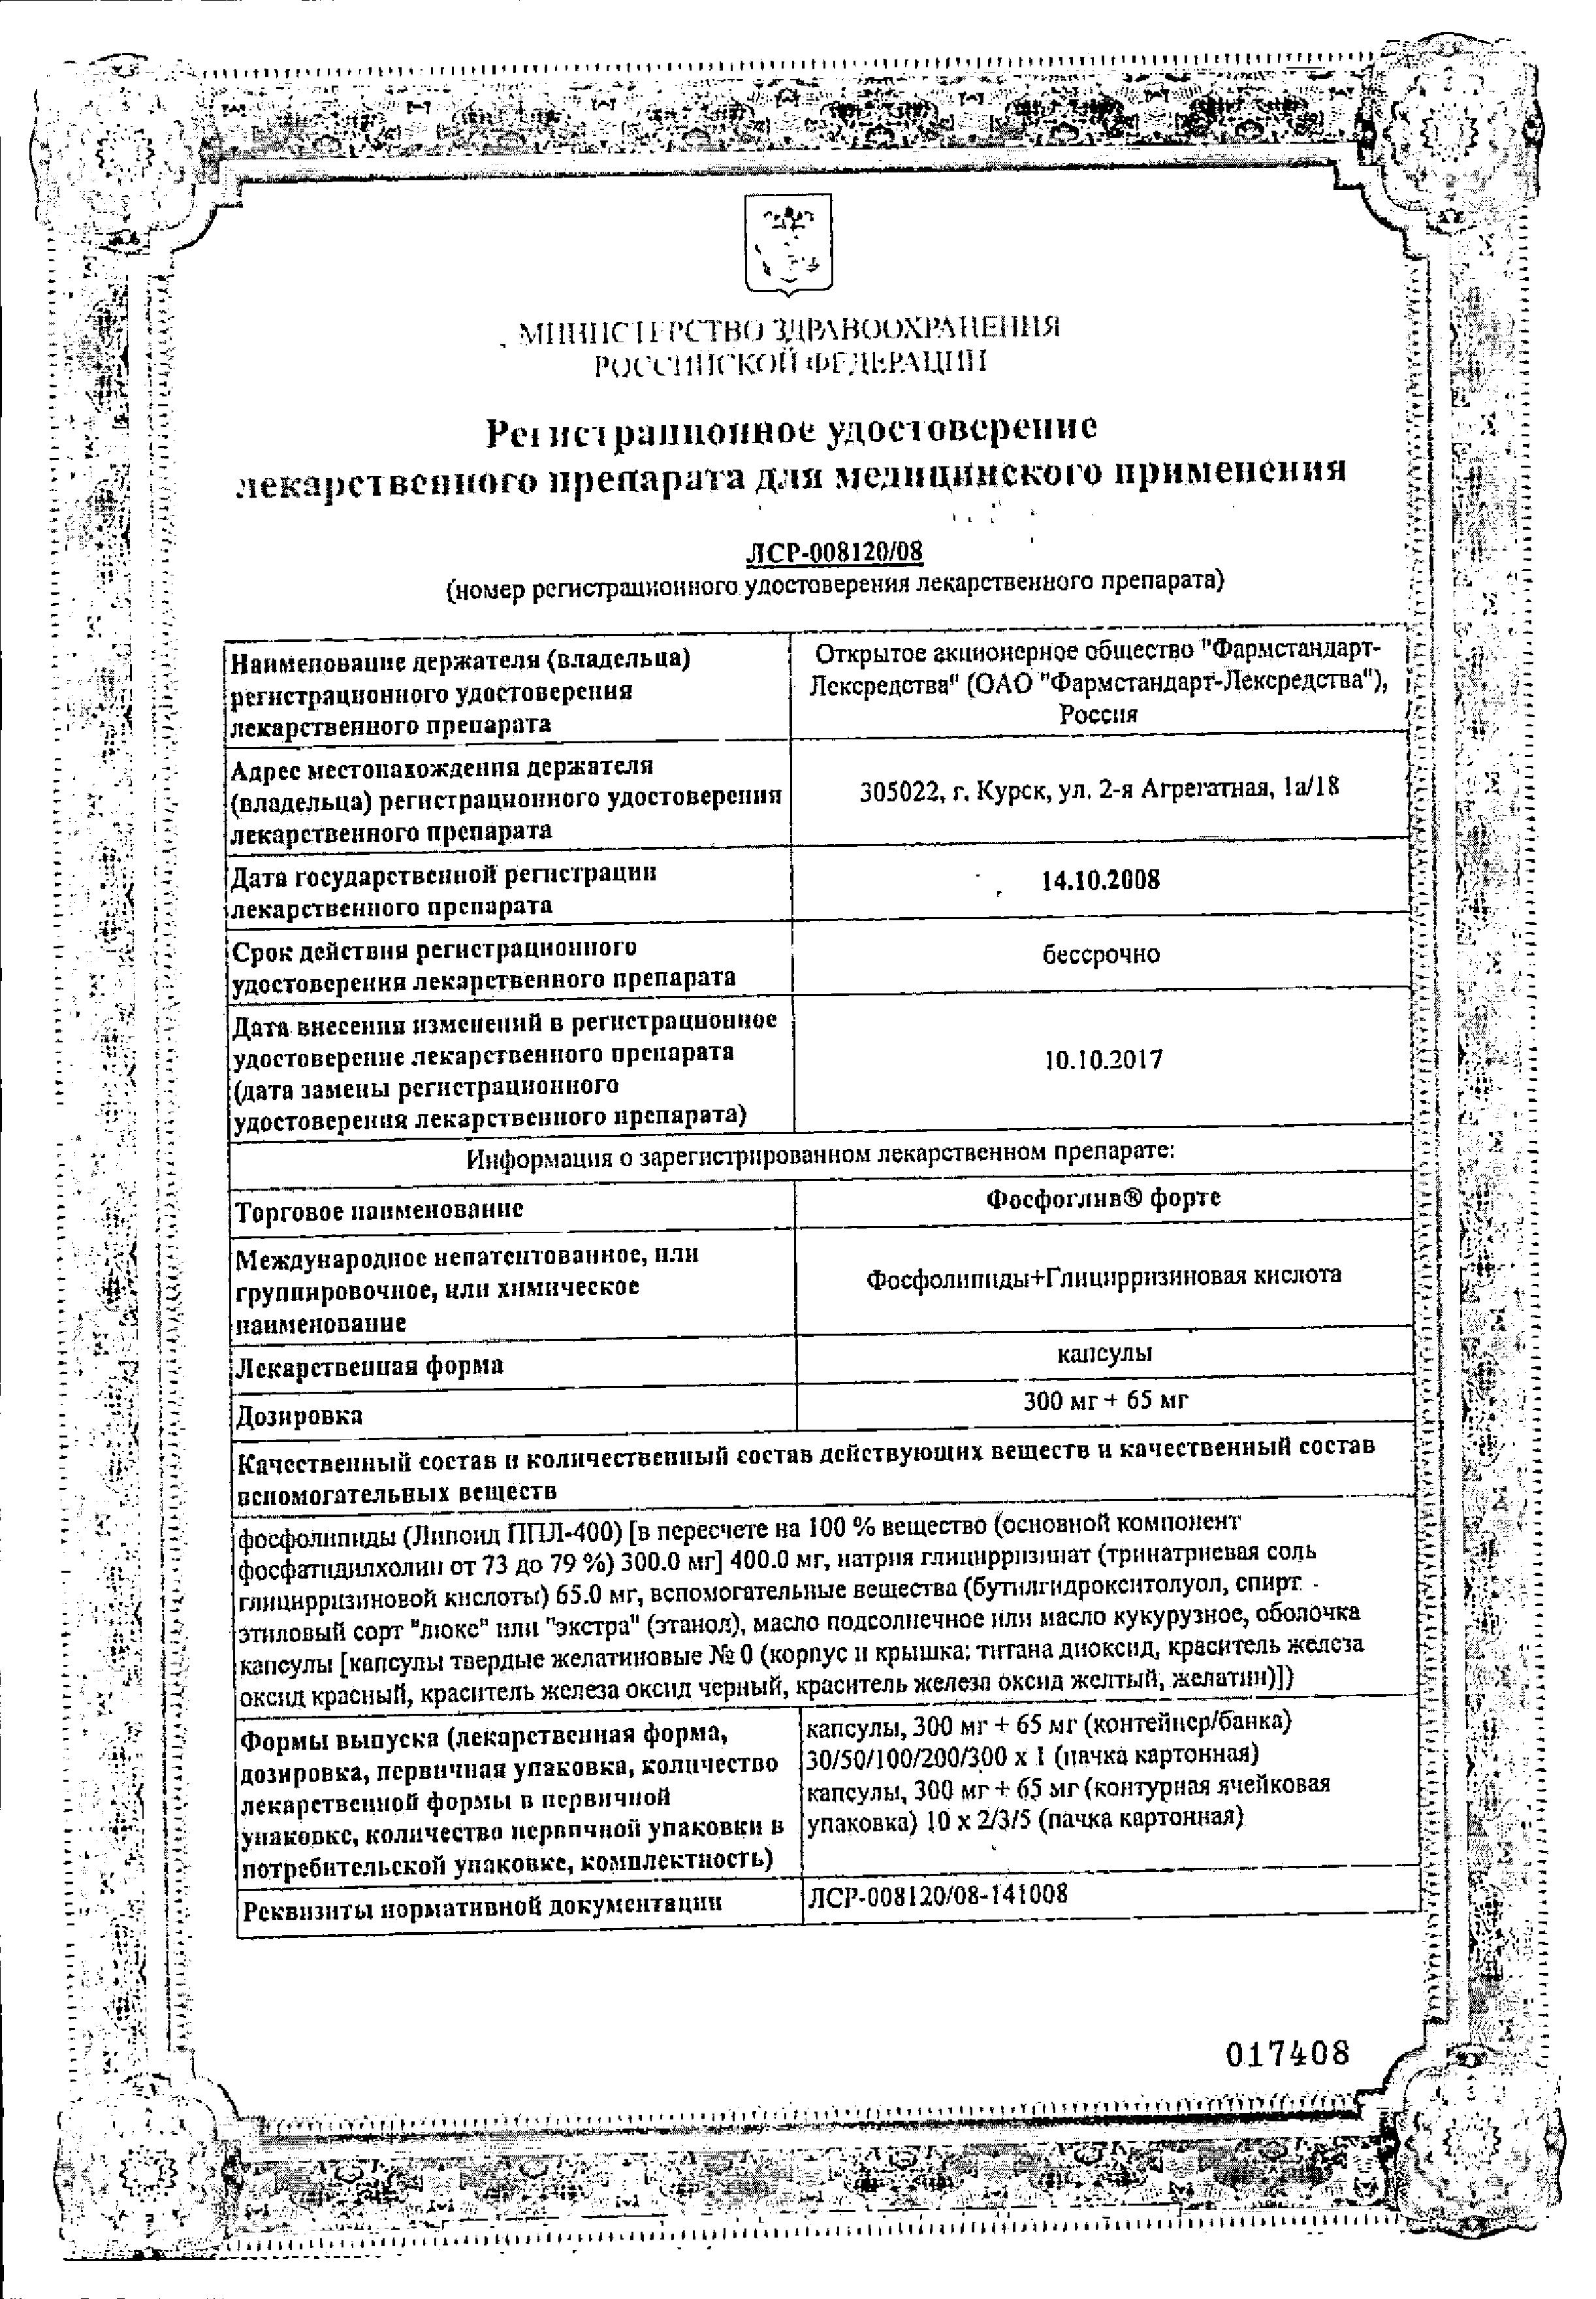 Фосфоглив форте сертификат